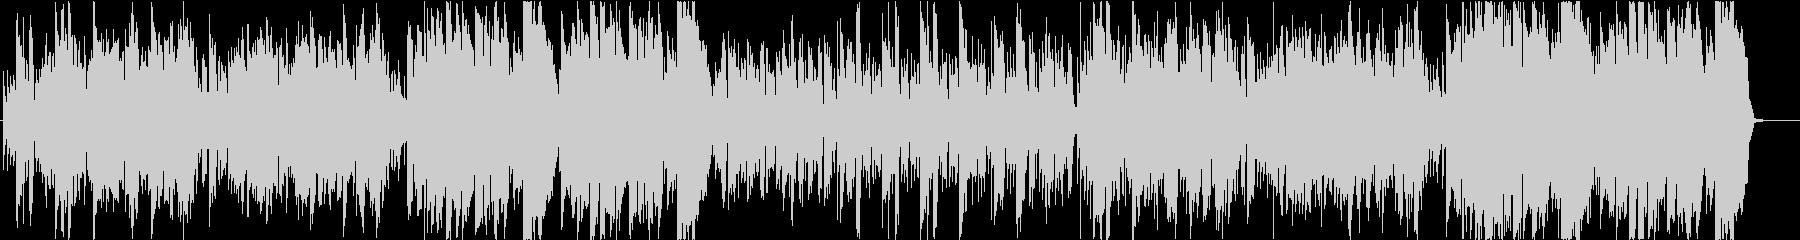 優しいフィドルとケルトの笛のスローエアの未再生の波形